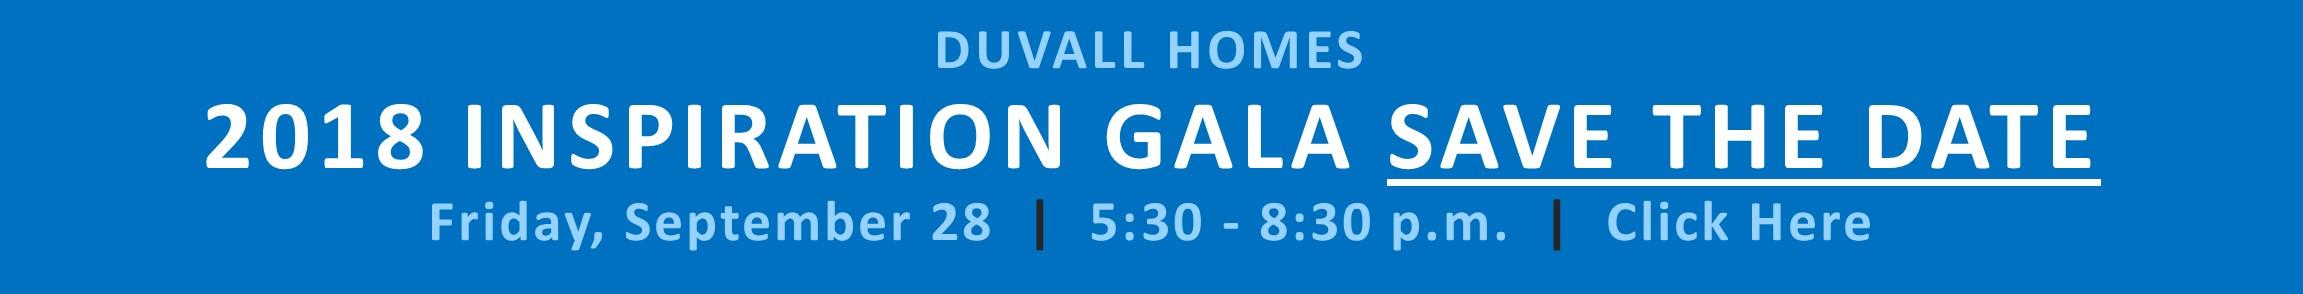 Duvall Homes Gala